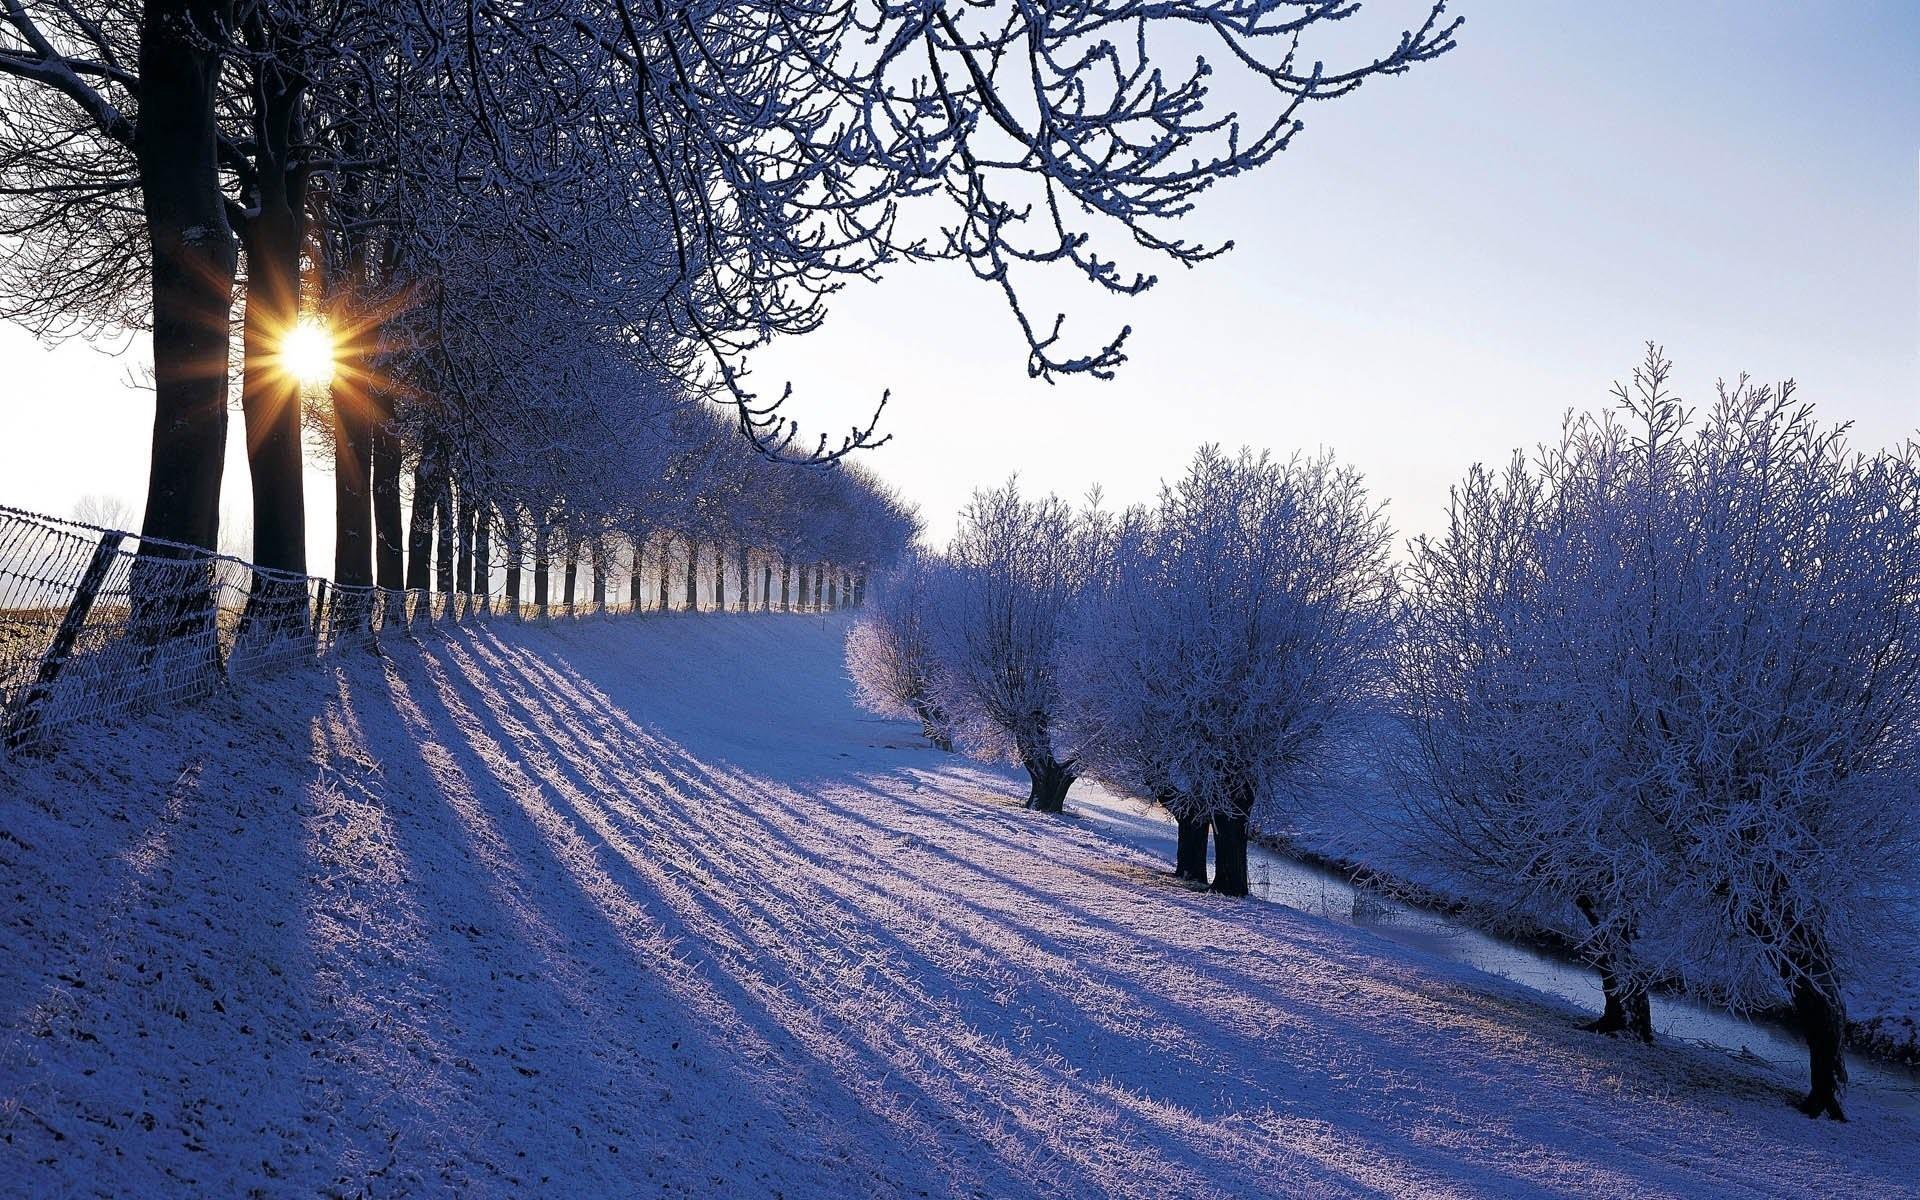 Beautiful-winter-season-free-hd-wallpapers-for-desktop